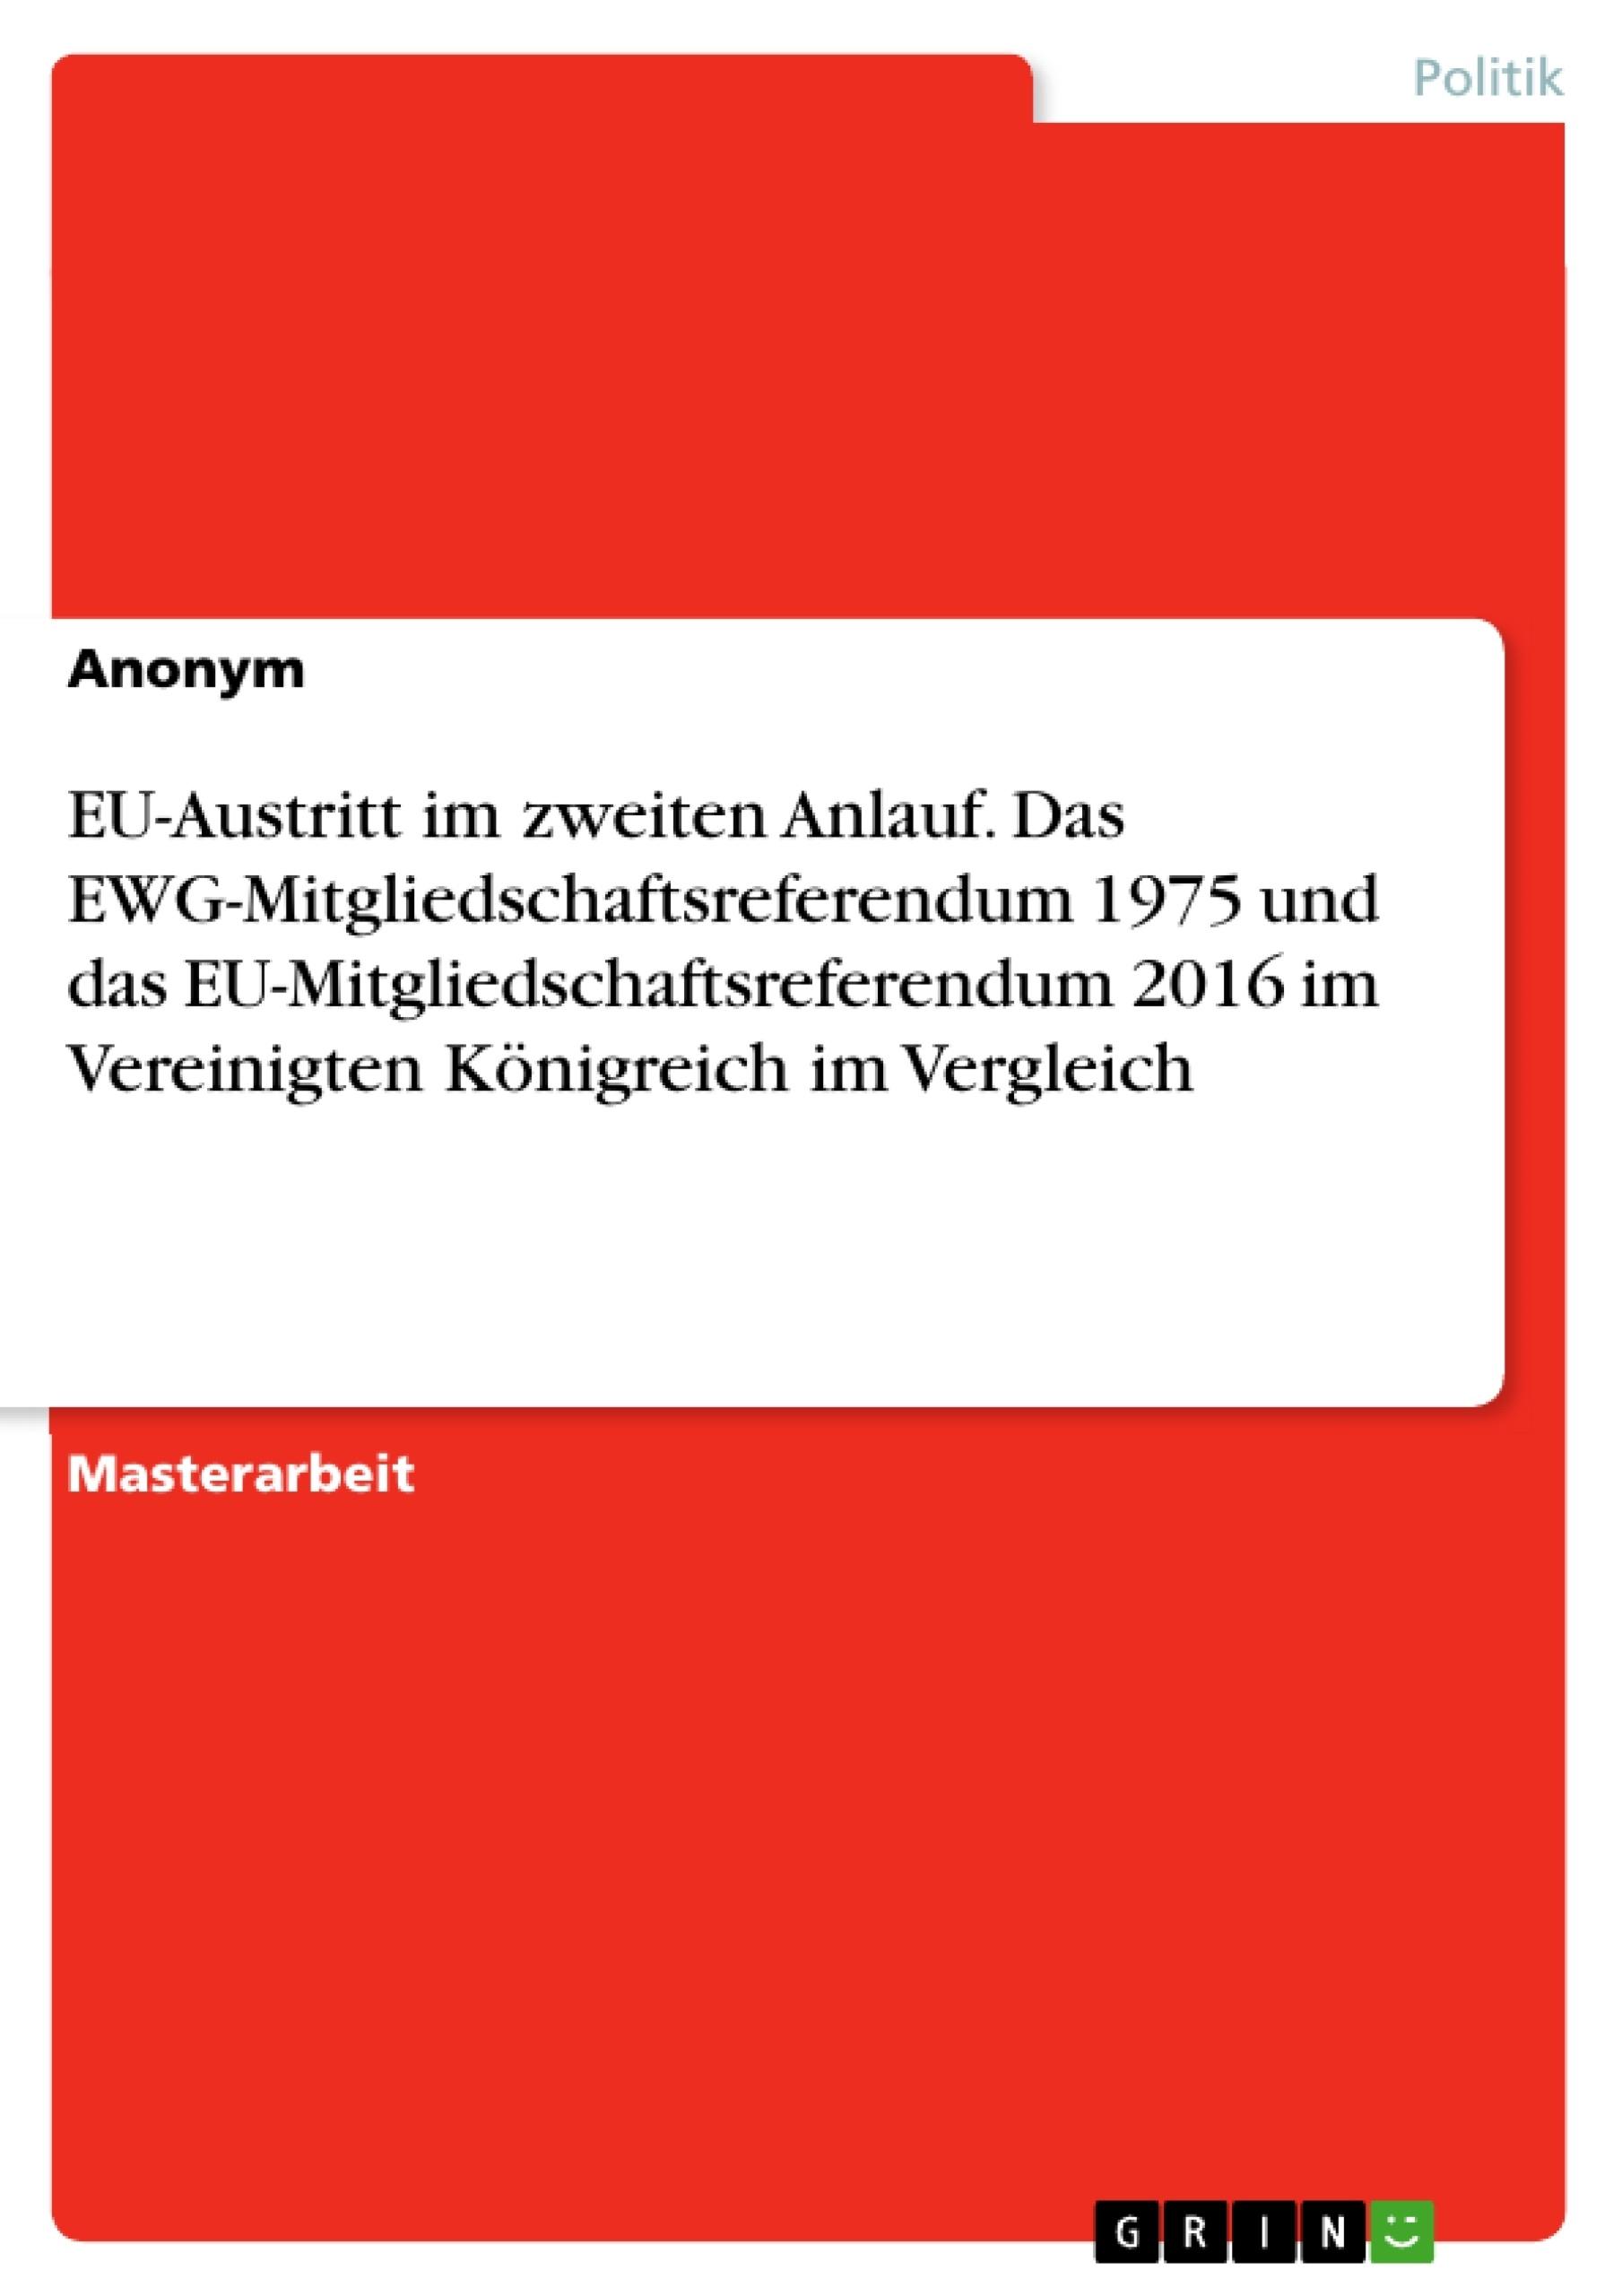 Titel: EU-Austritt im zweiten Anlauf. Das EWG-Mitgliedschaftsreferendum 1975 und das EU-Mitgliedschaftsreferendum 2016 im Vereinigten Königreich im Vergleich